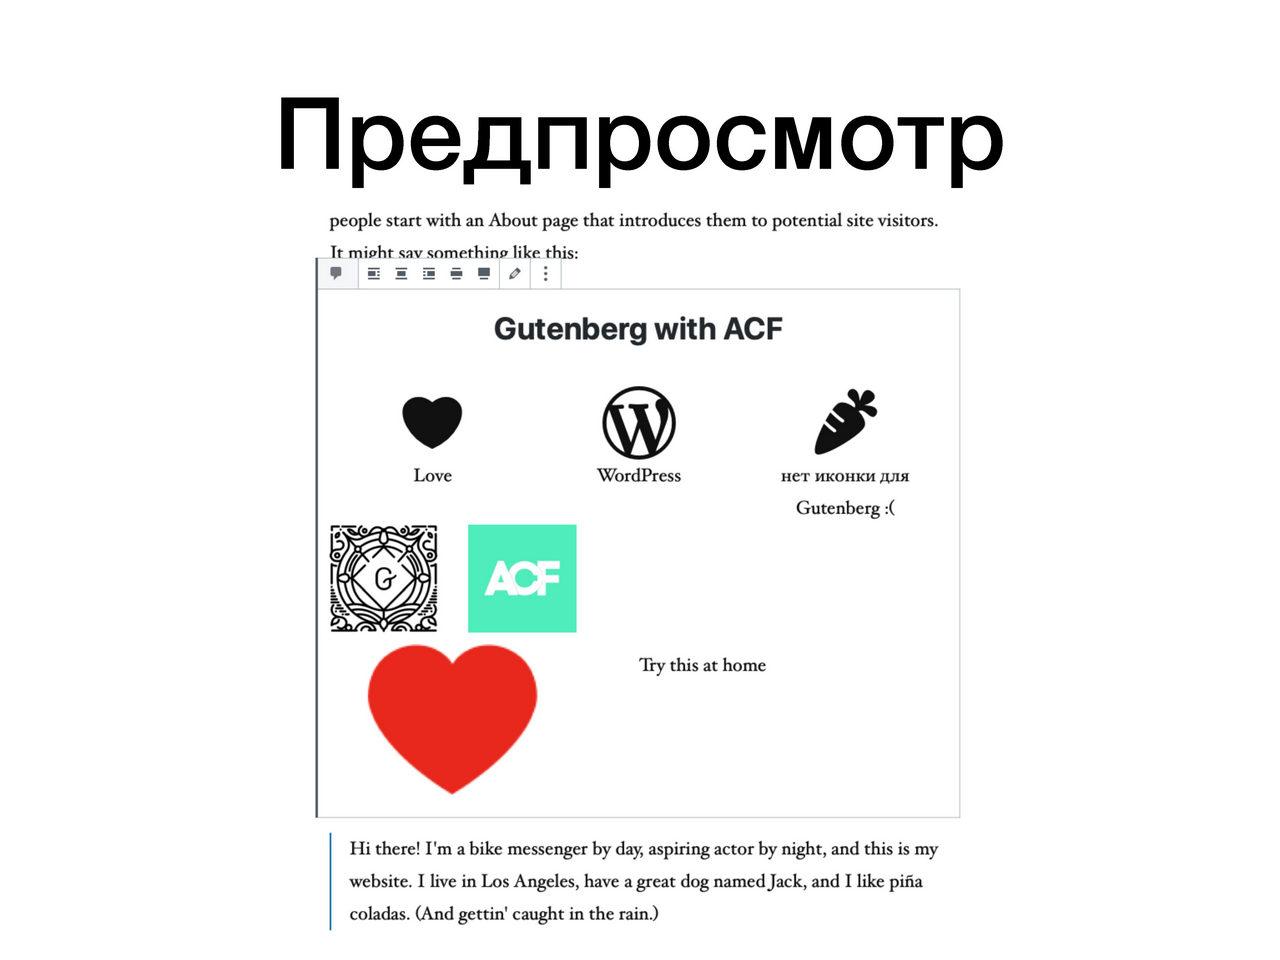 Как перейти на Gutenberg,оставаясьслюбимым ACF - Макс Лючин_Page_13